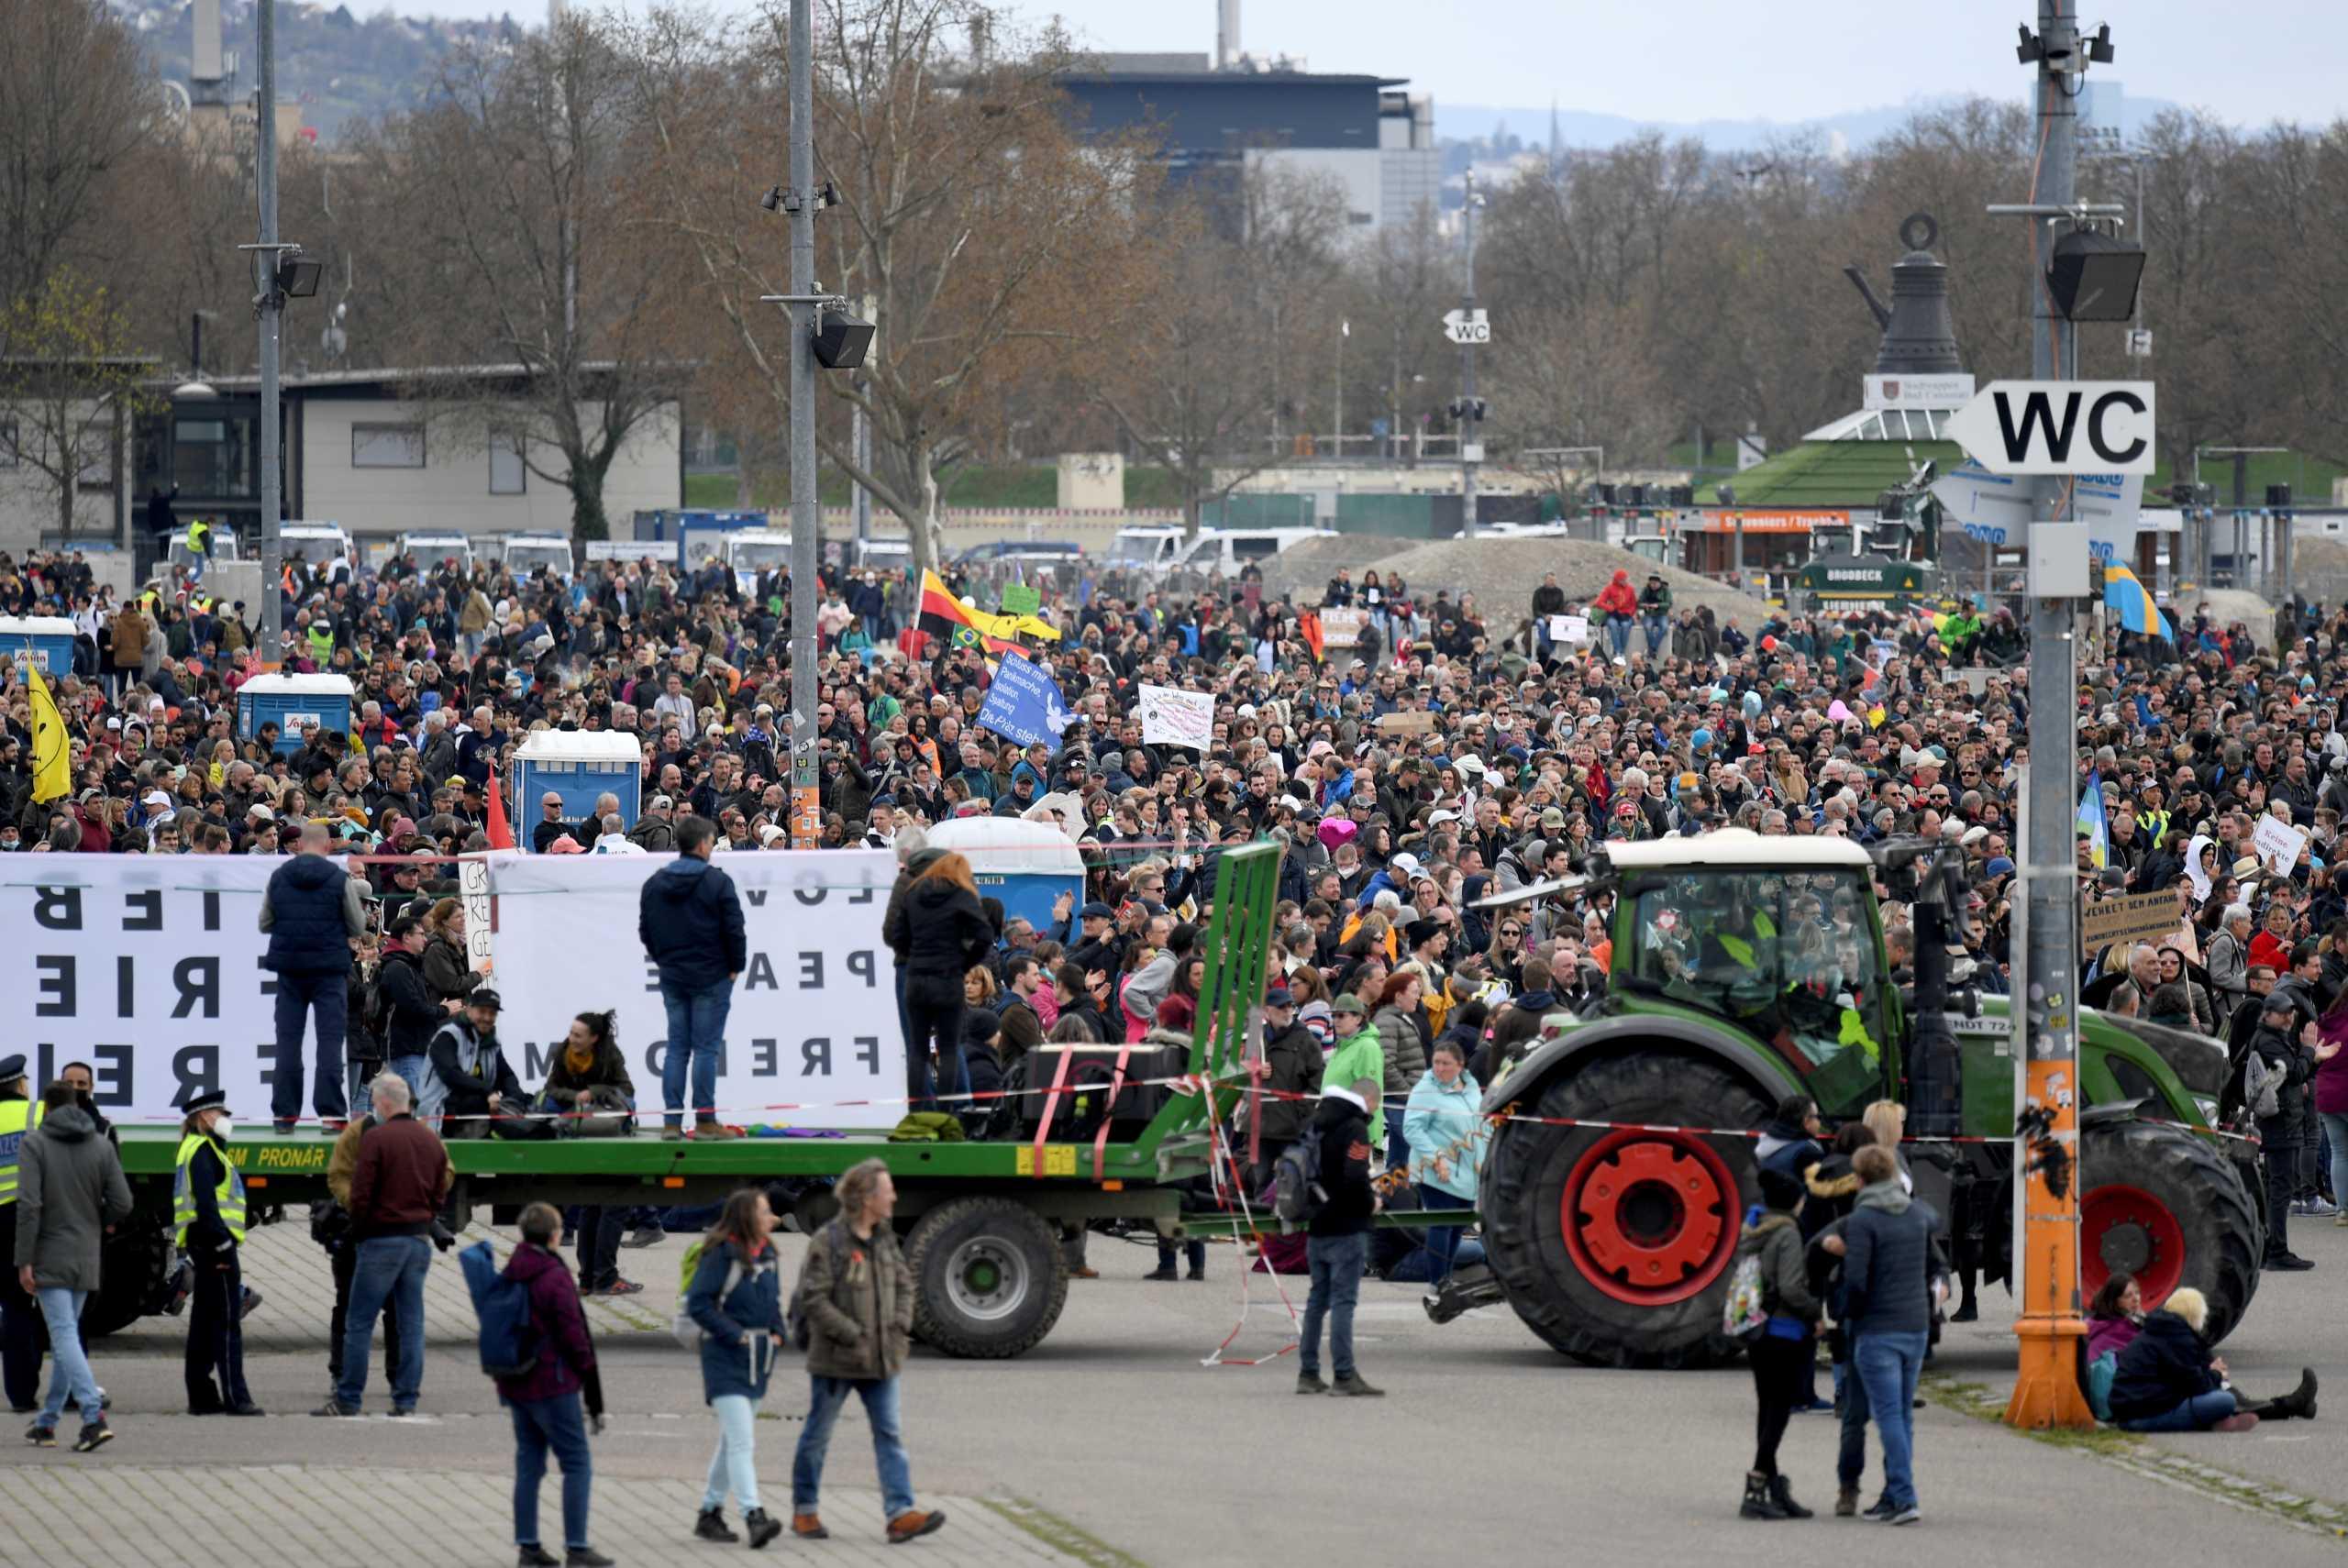 Γερμανία: Διαδήλωση χιλιάδων αρνητών του κορονοϊού  – Πάσχα σε… πάρκινγκ και μέσω ίντερνετ (pics)